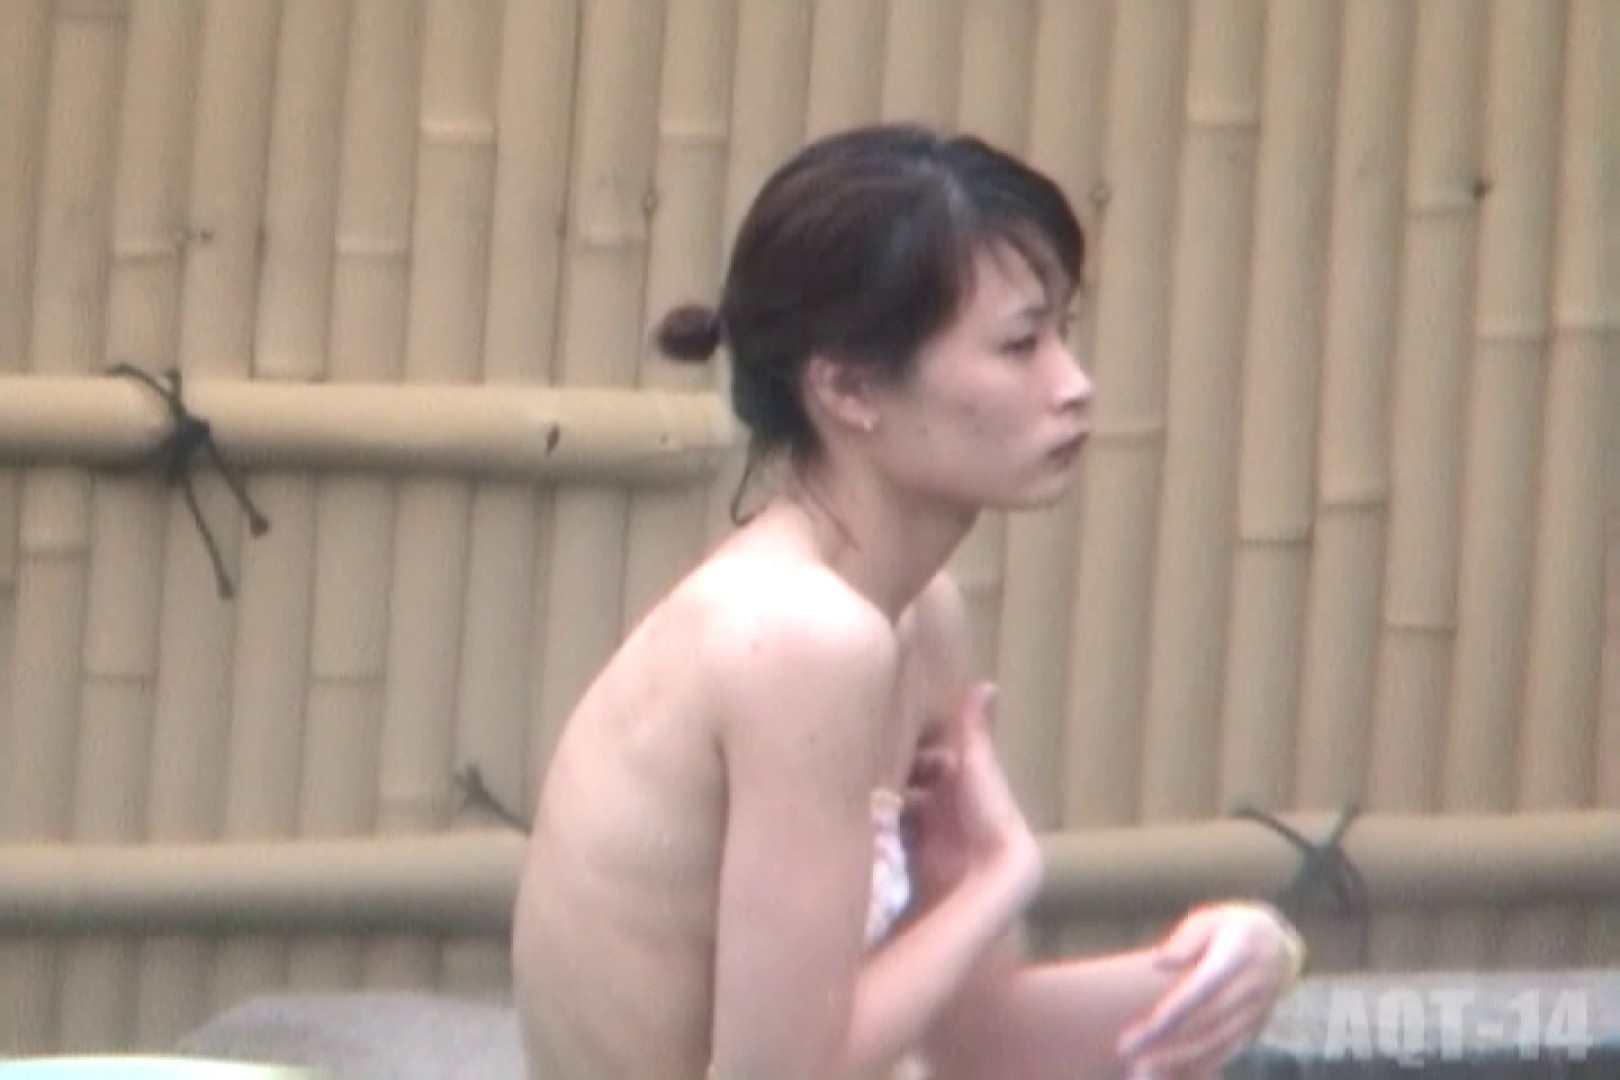 Aquaな露天風呂Vol.822 盗撮シリーズ  78PIX 38